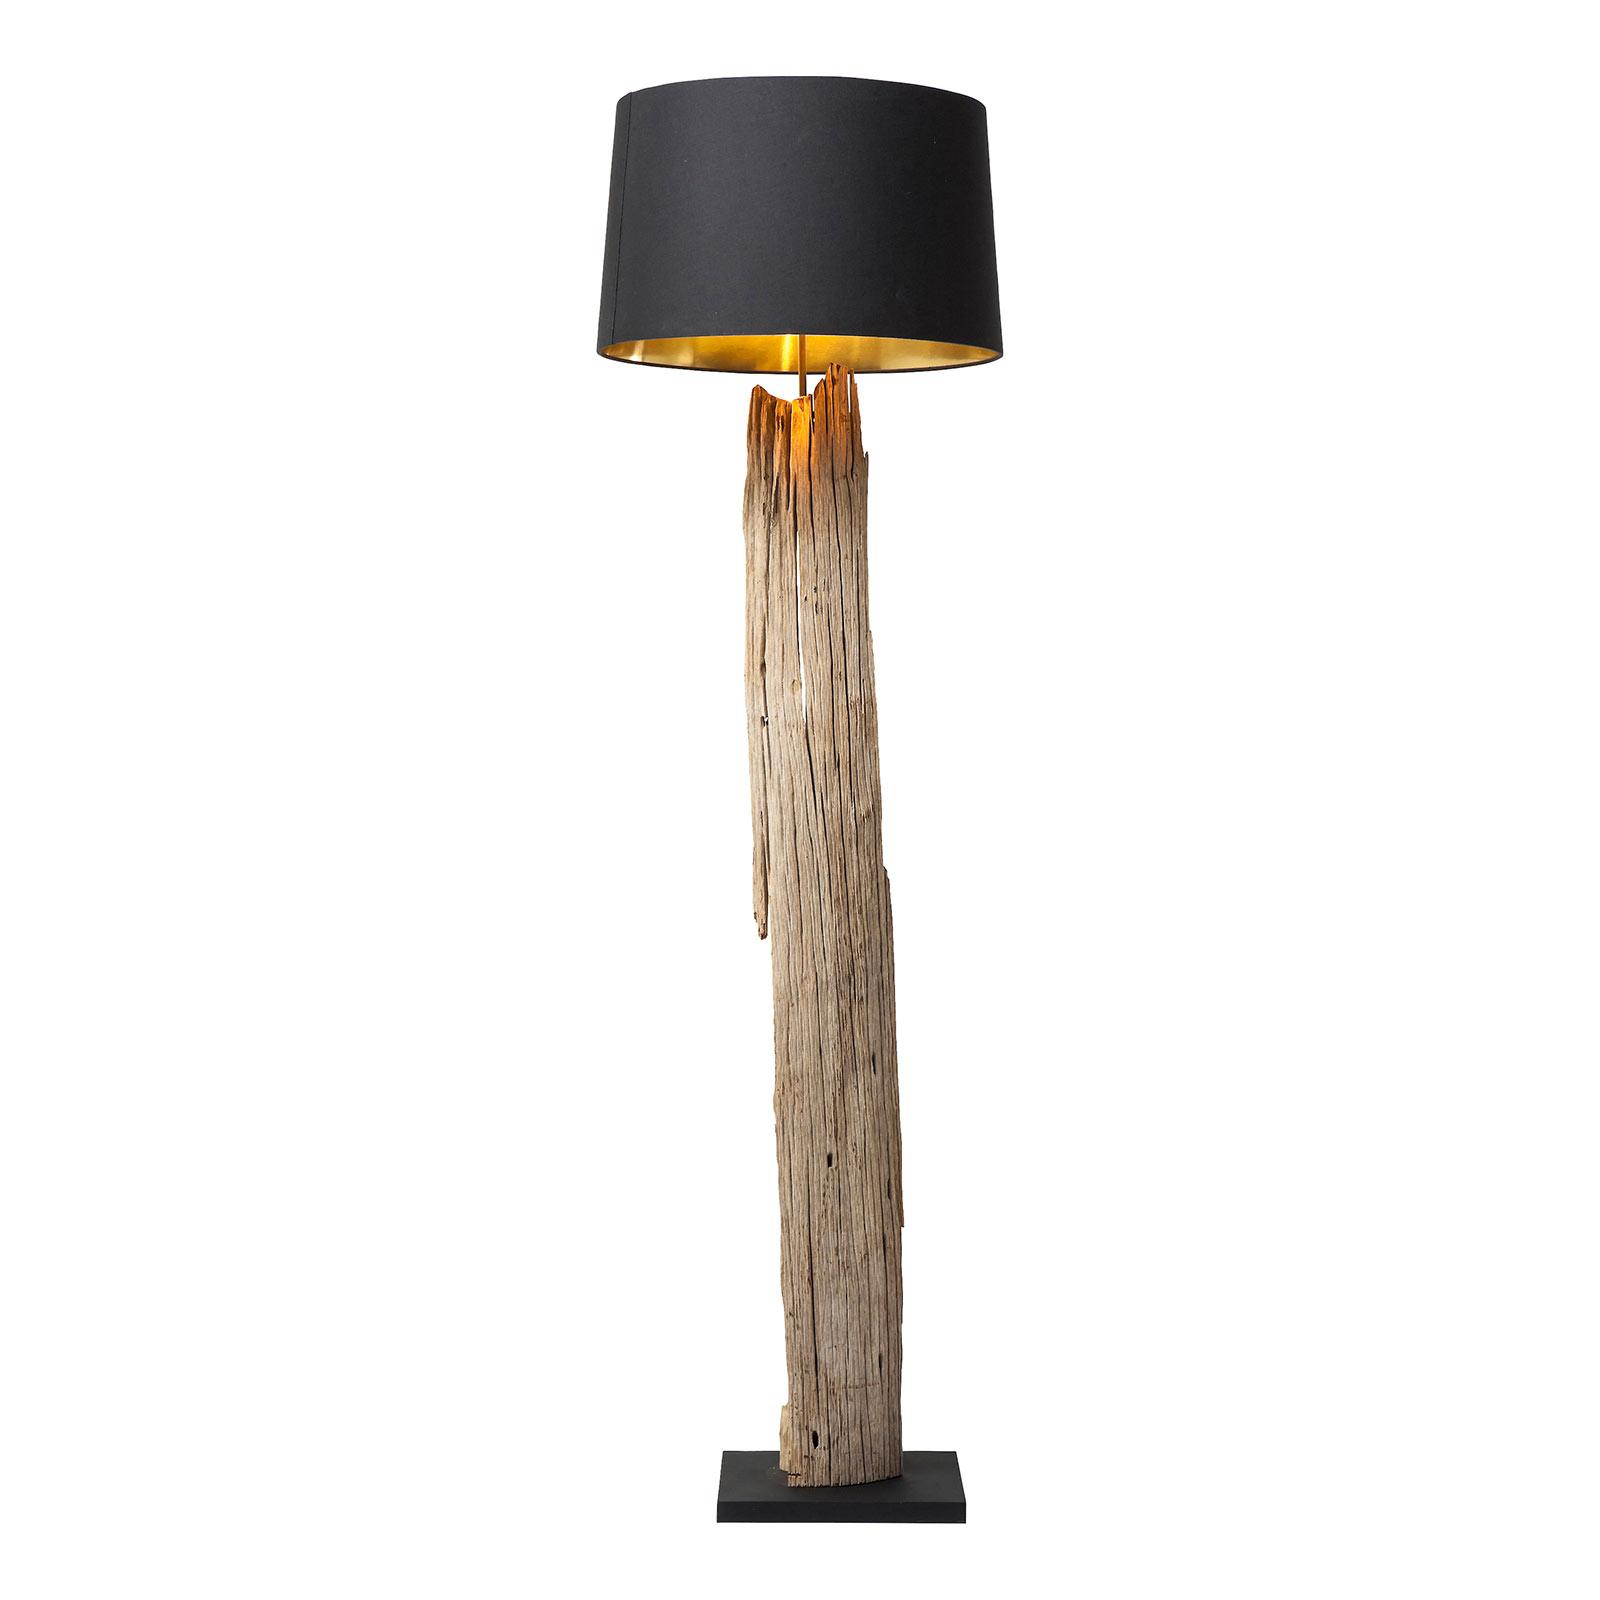 KARE Nature Straight standerlampe, unika af træ